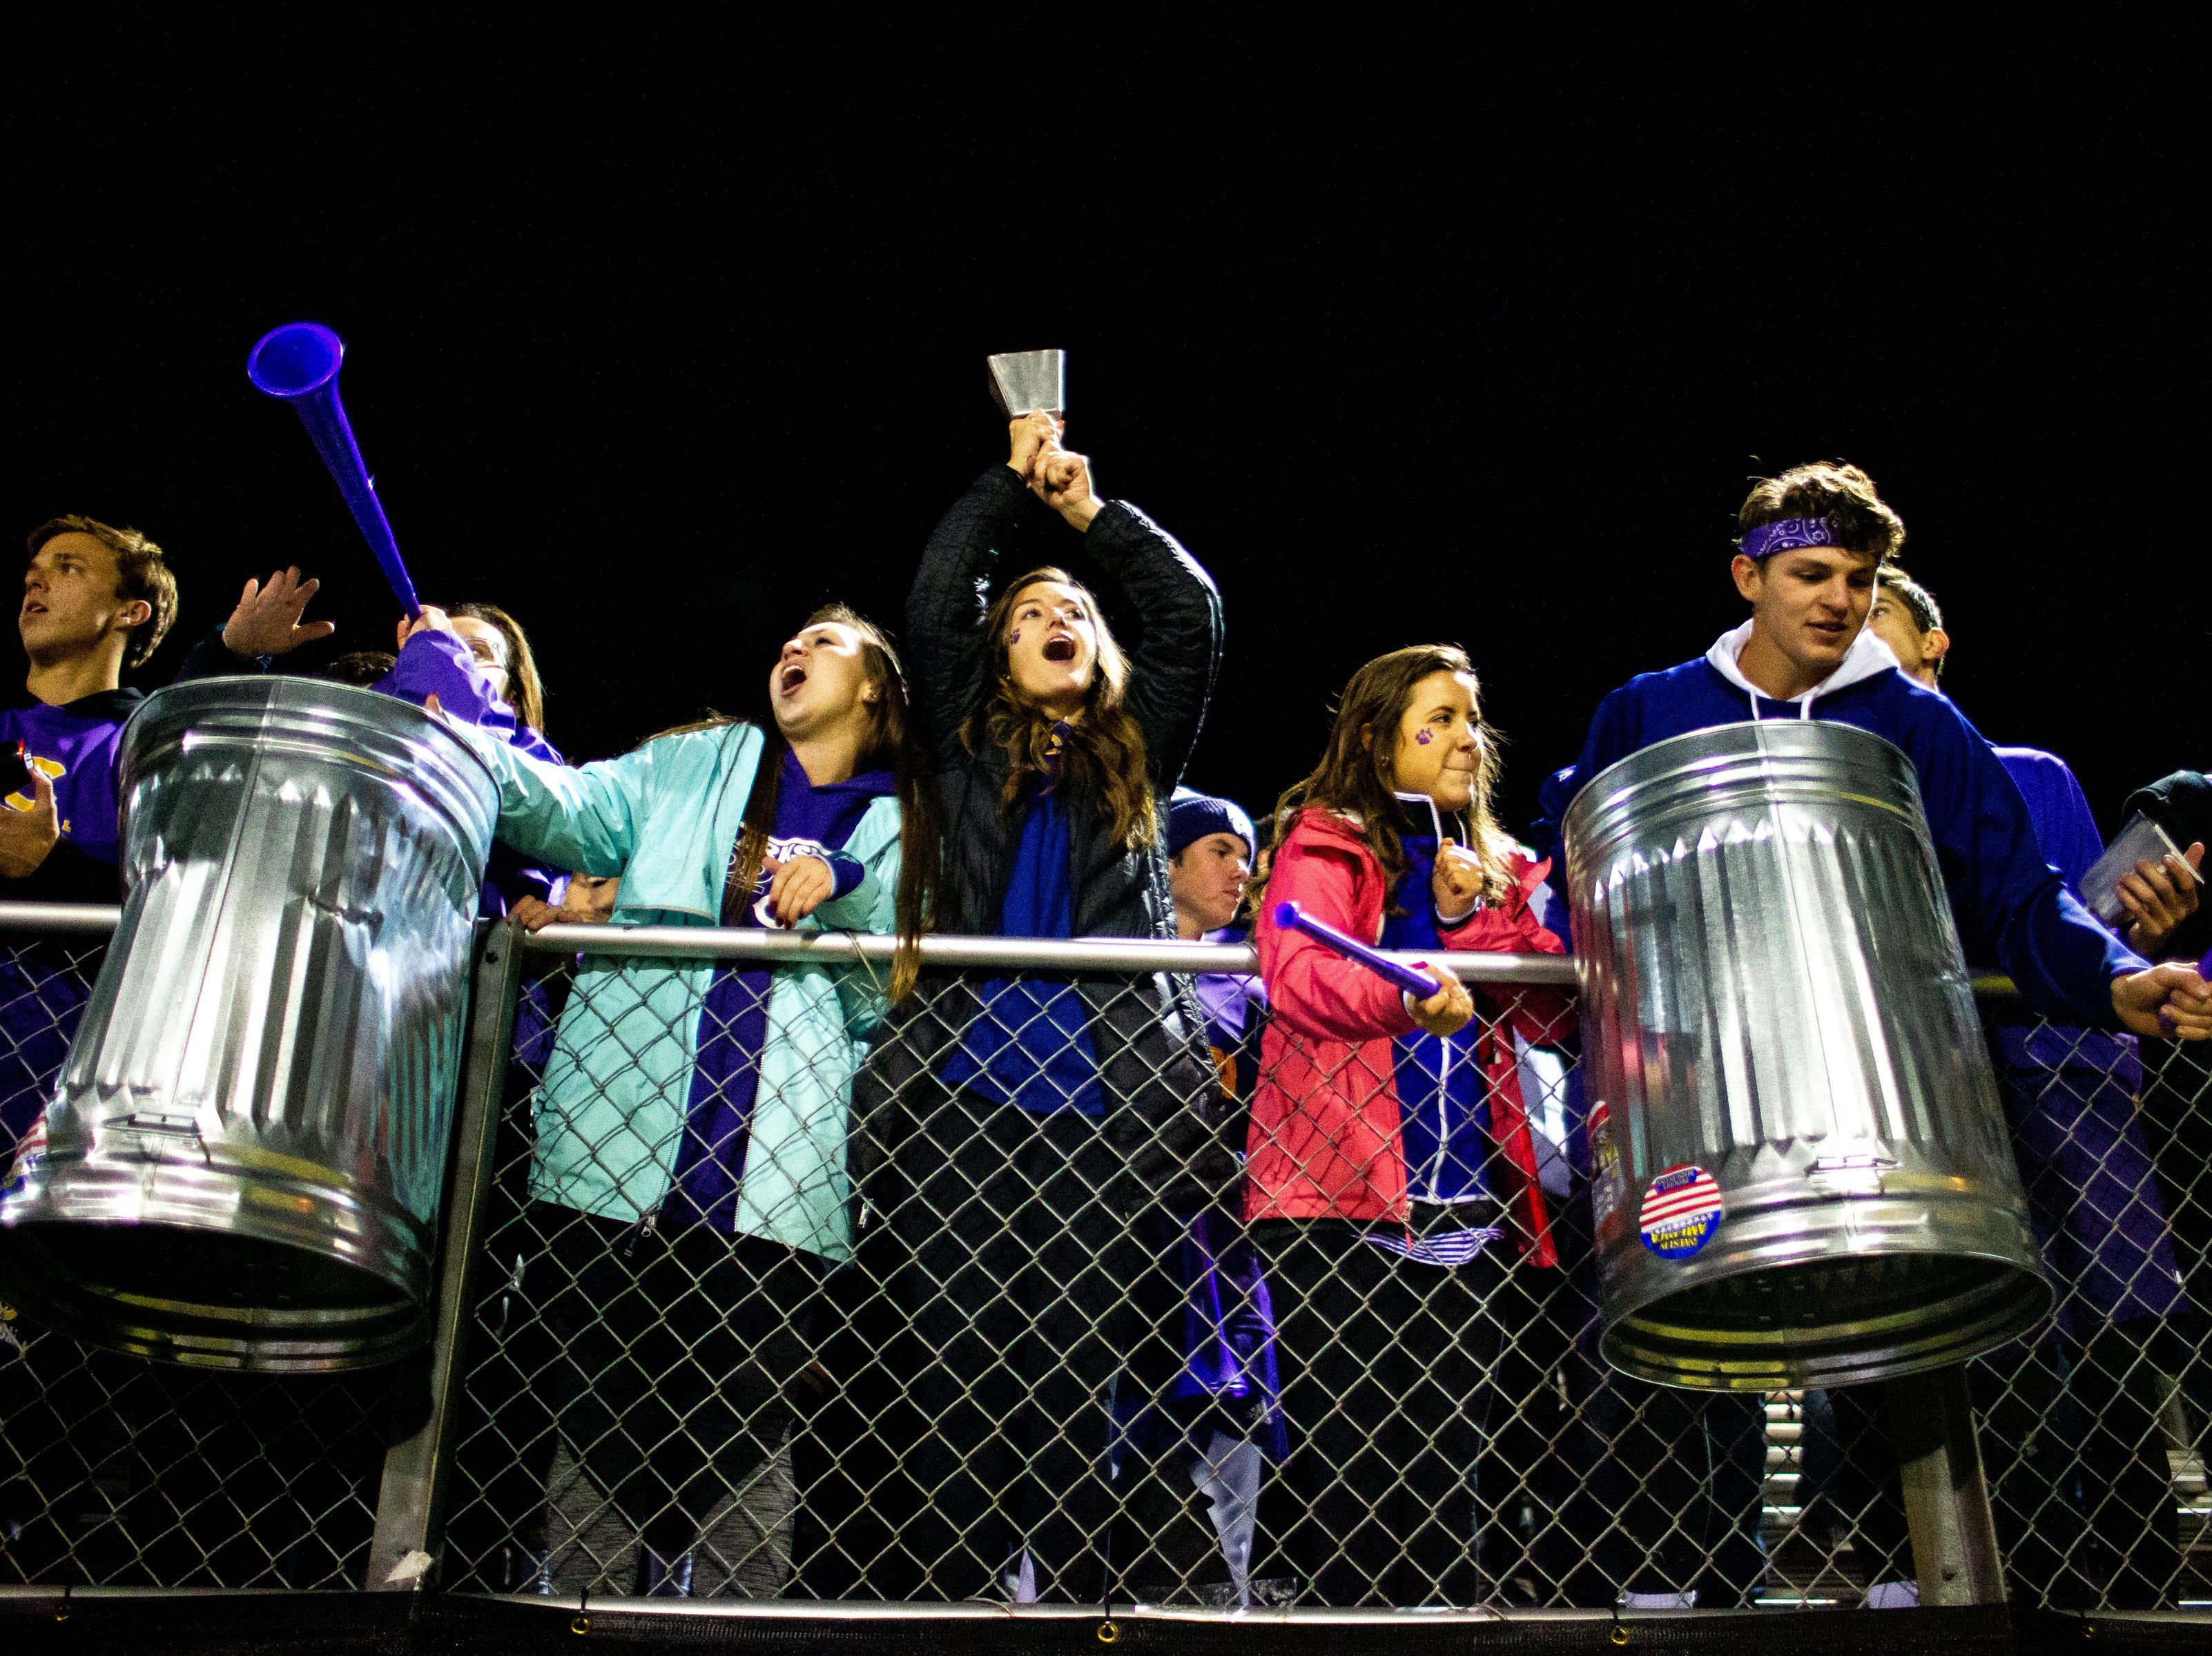 Clarksville High fans cheer during the second half at Clarksville High Friday, Nov. 2, 2018, in Clarksville, Tenn.